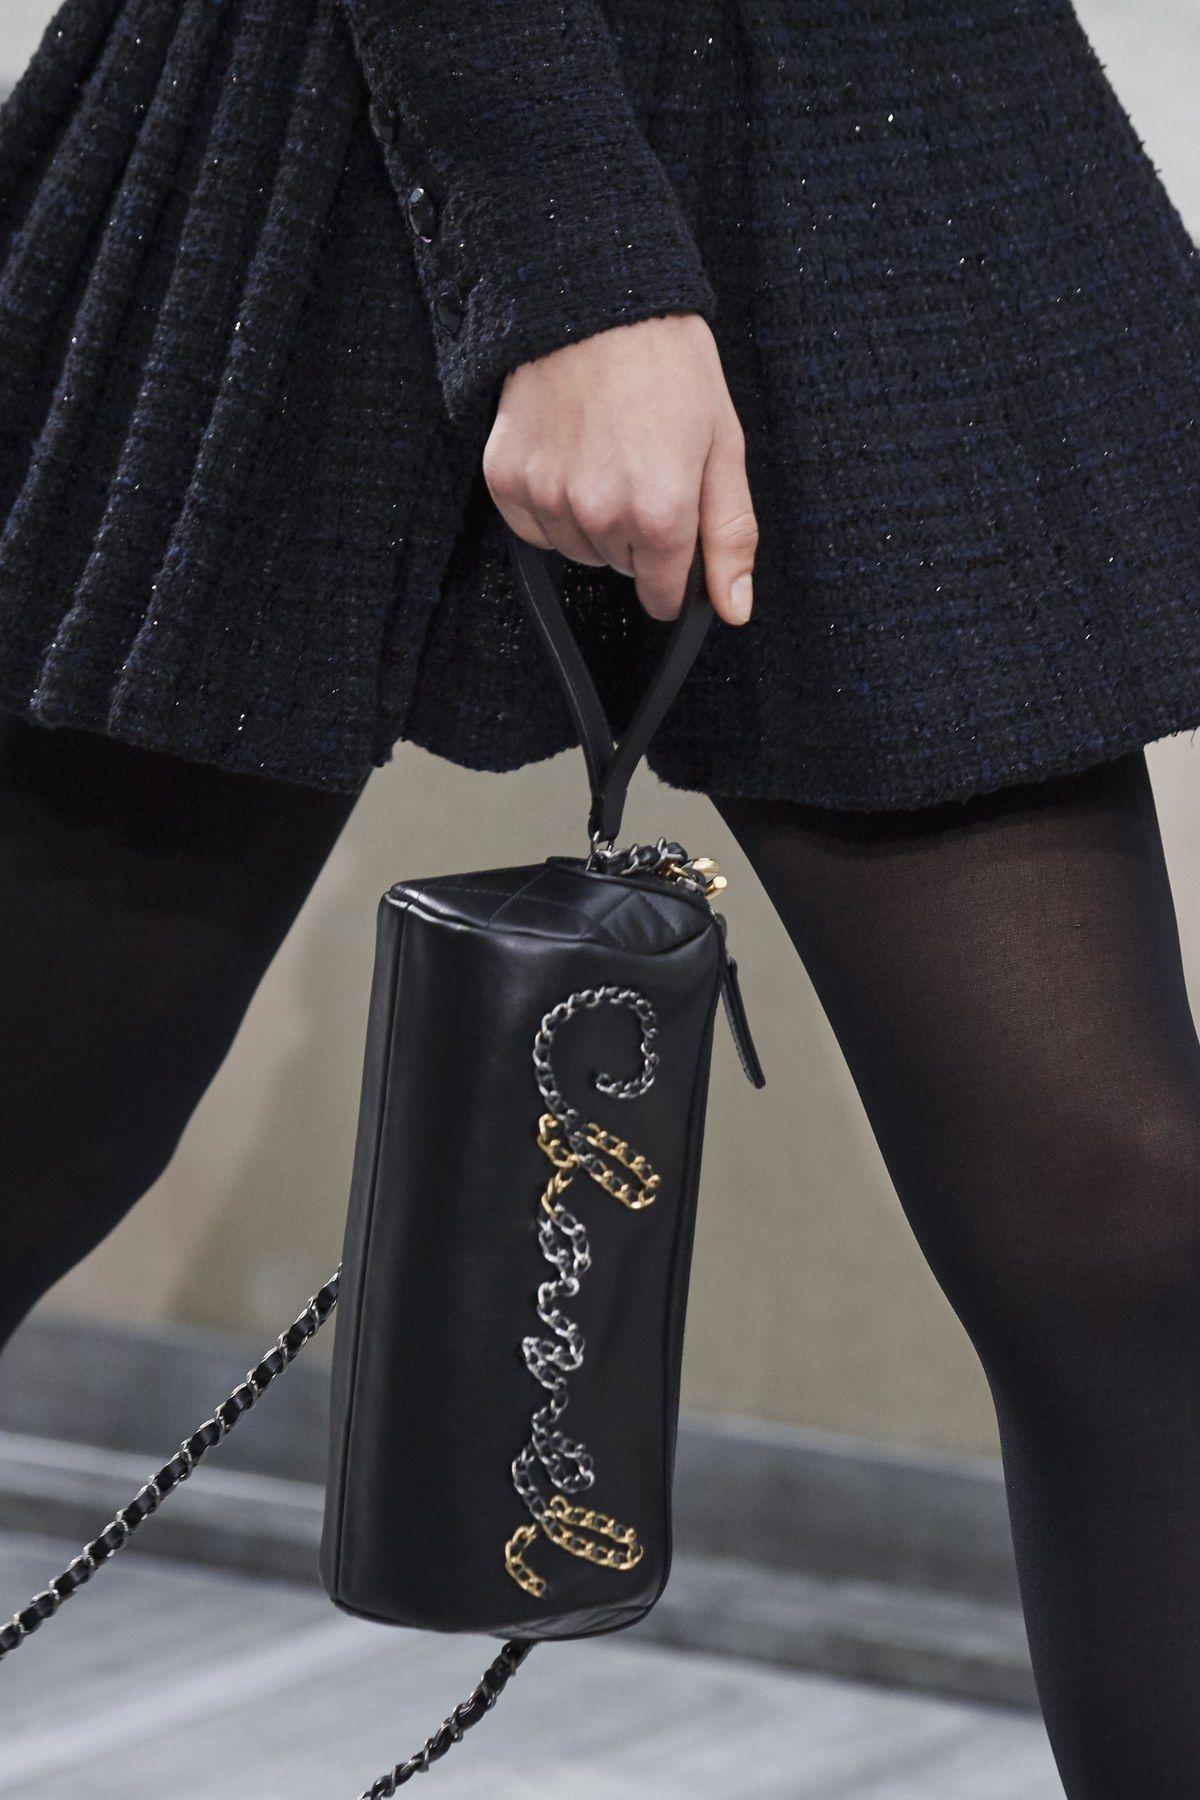 Chanel Spring 2020 ReadytoWear Fashion Show Snygga